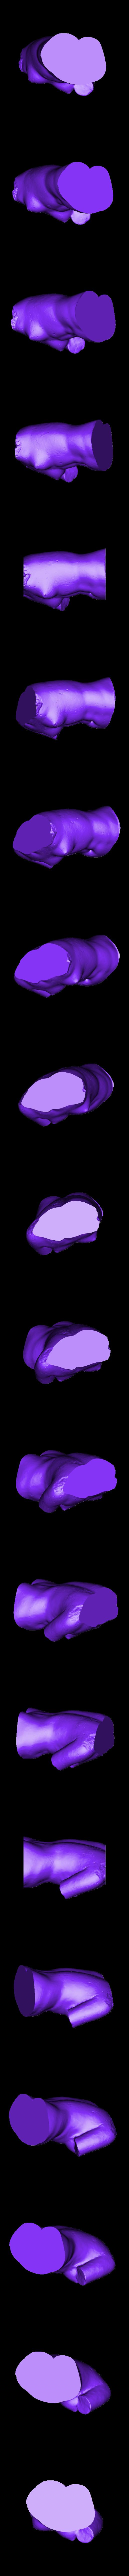 20131013_Venus3.stl Télécharger fichier OBJ gratuit Vénus de Milo • Modèle imprimable en 3D, Ghashgar